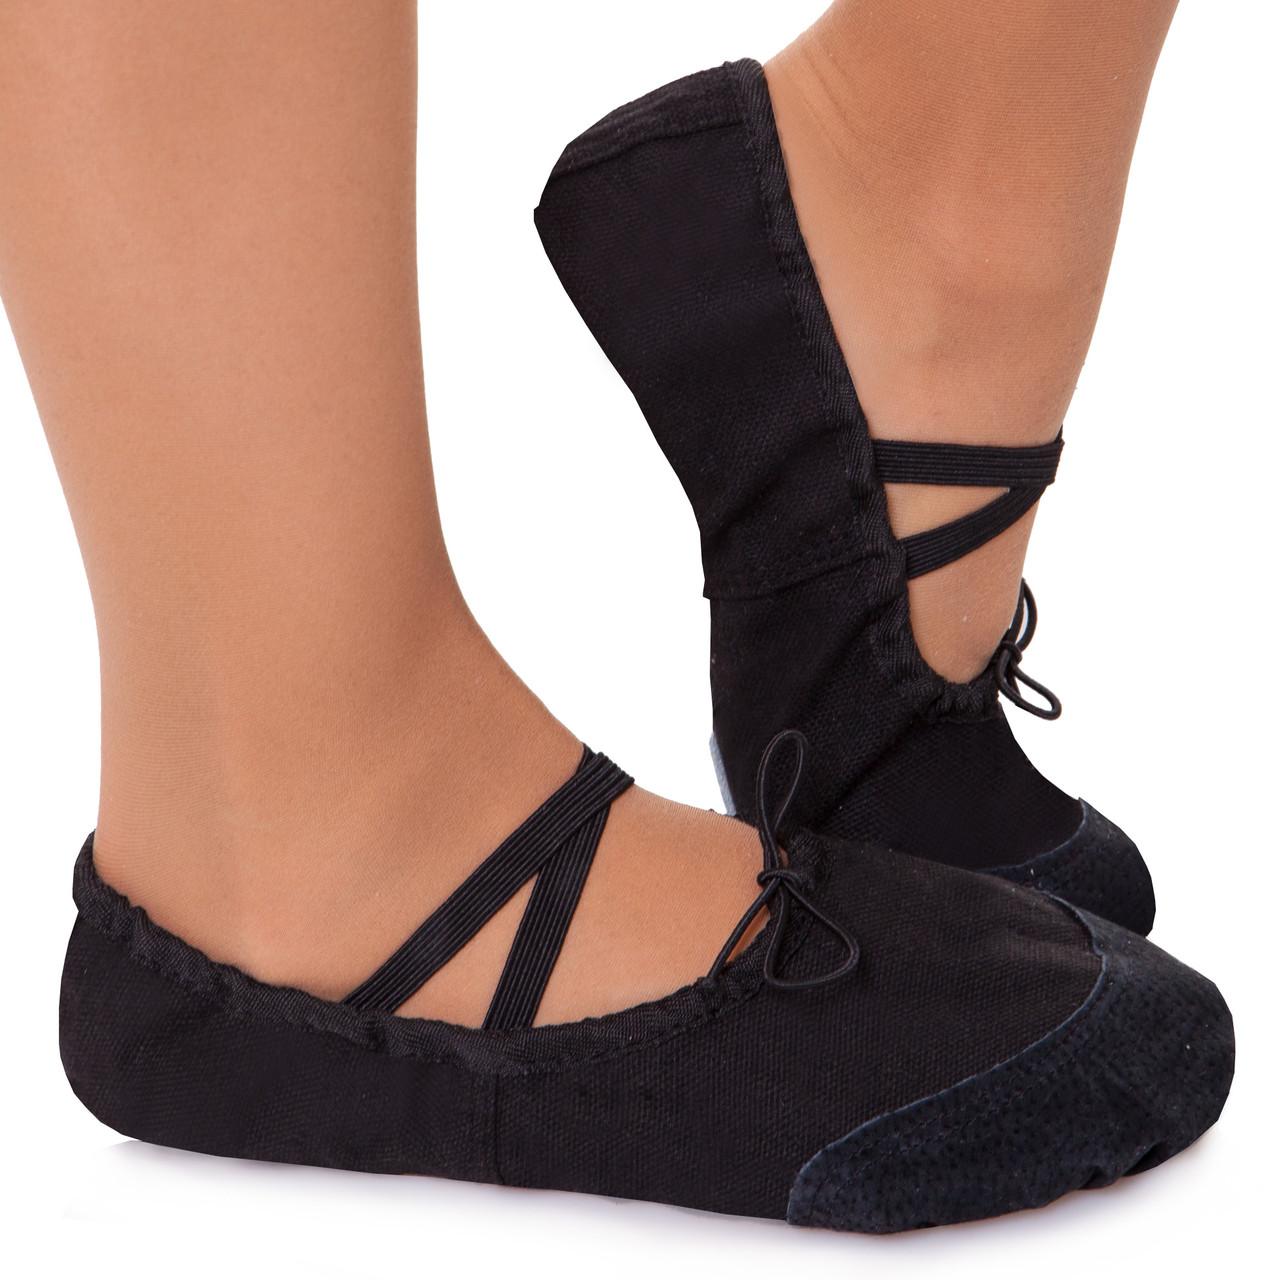 Балетные тапочки Балетки для танцев черные тканевые с нашивками размер 45